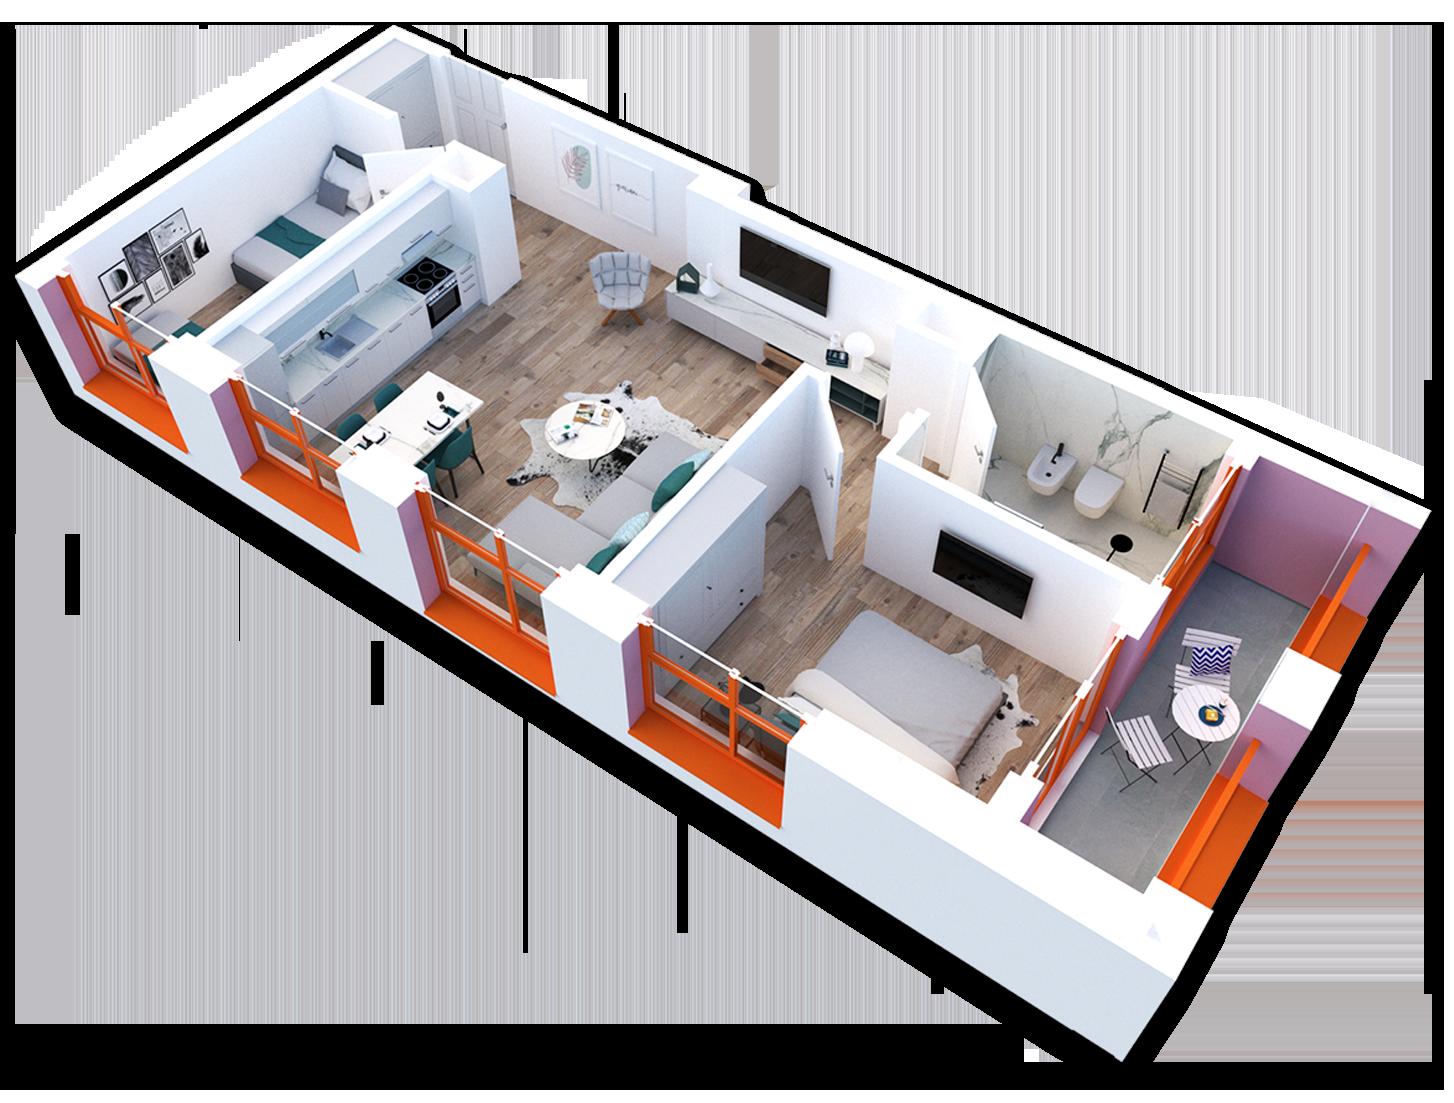 Apartament 2+1 në shitje në Tiranë - Mangalem 21 Shkalla 21 Kati 4